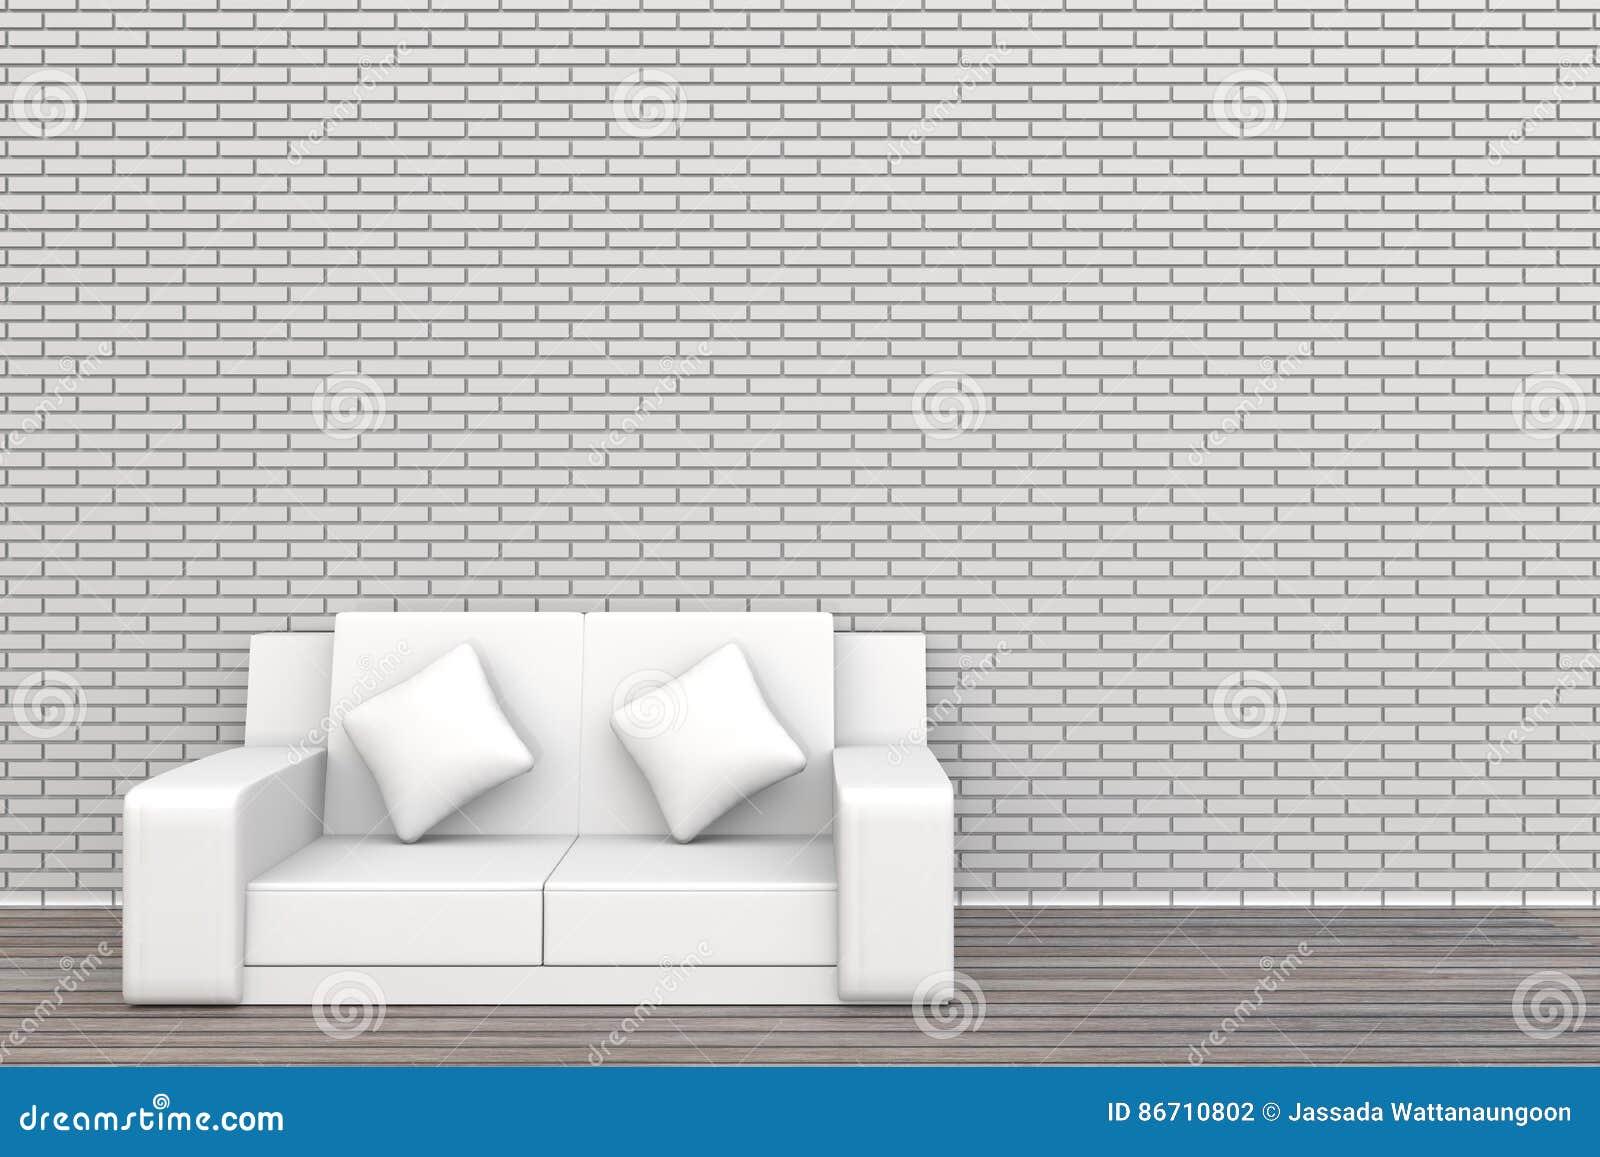 3d白色沙发砖墙和木头难倒背景